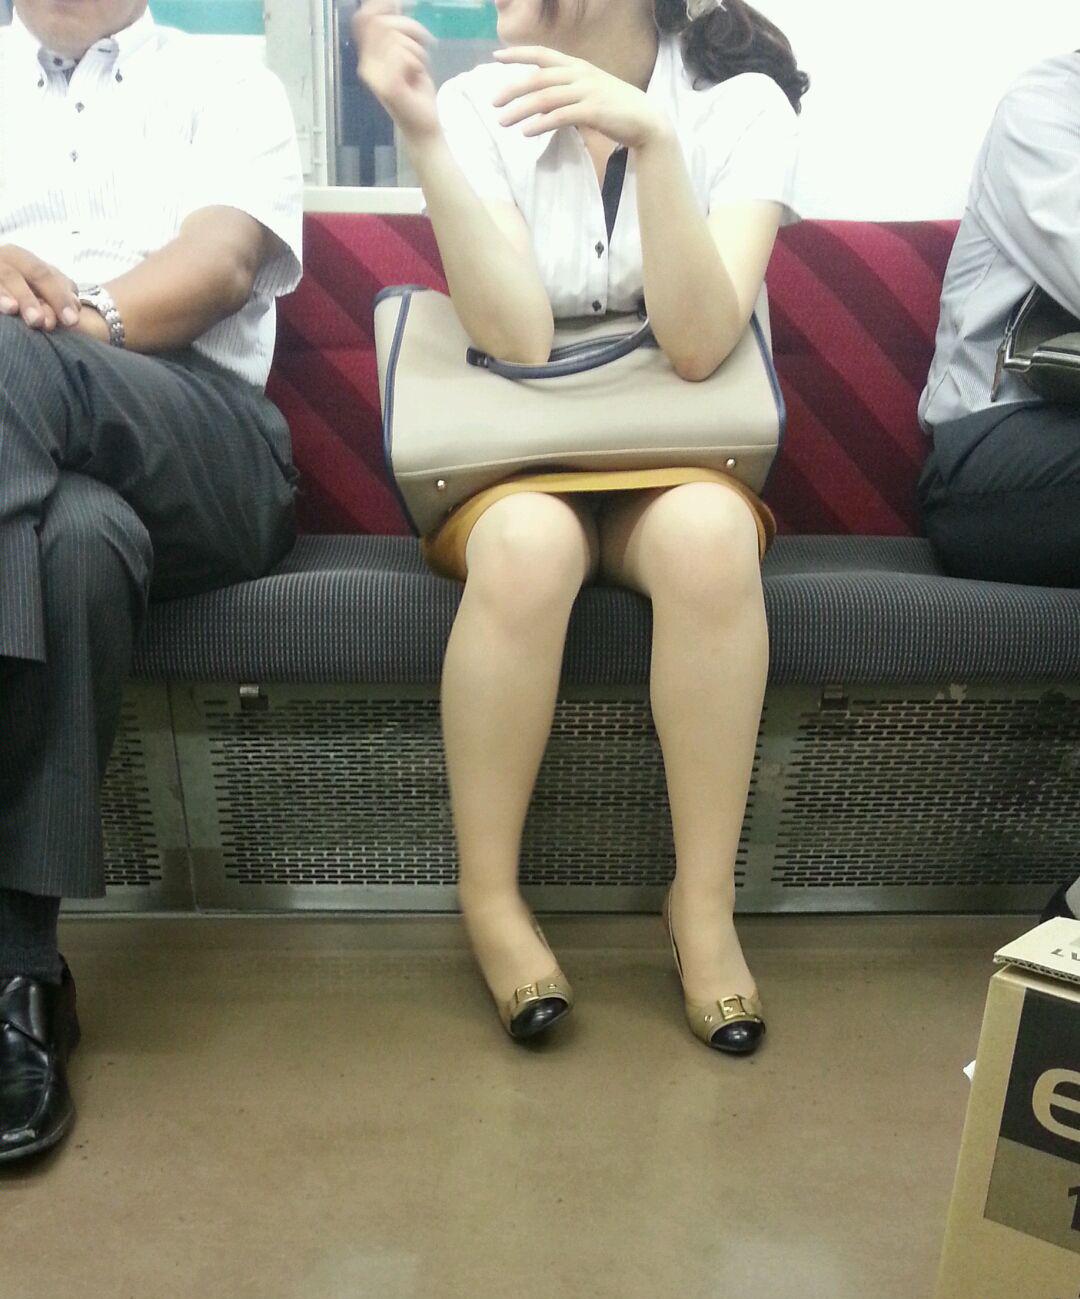 【パンチラエロ画像】長旅ほど見る時間も長いw電車内の丸見えパンチラ監視www 20